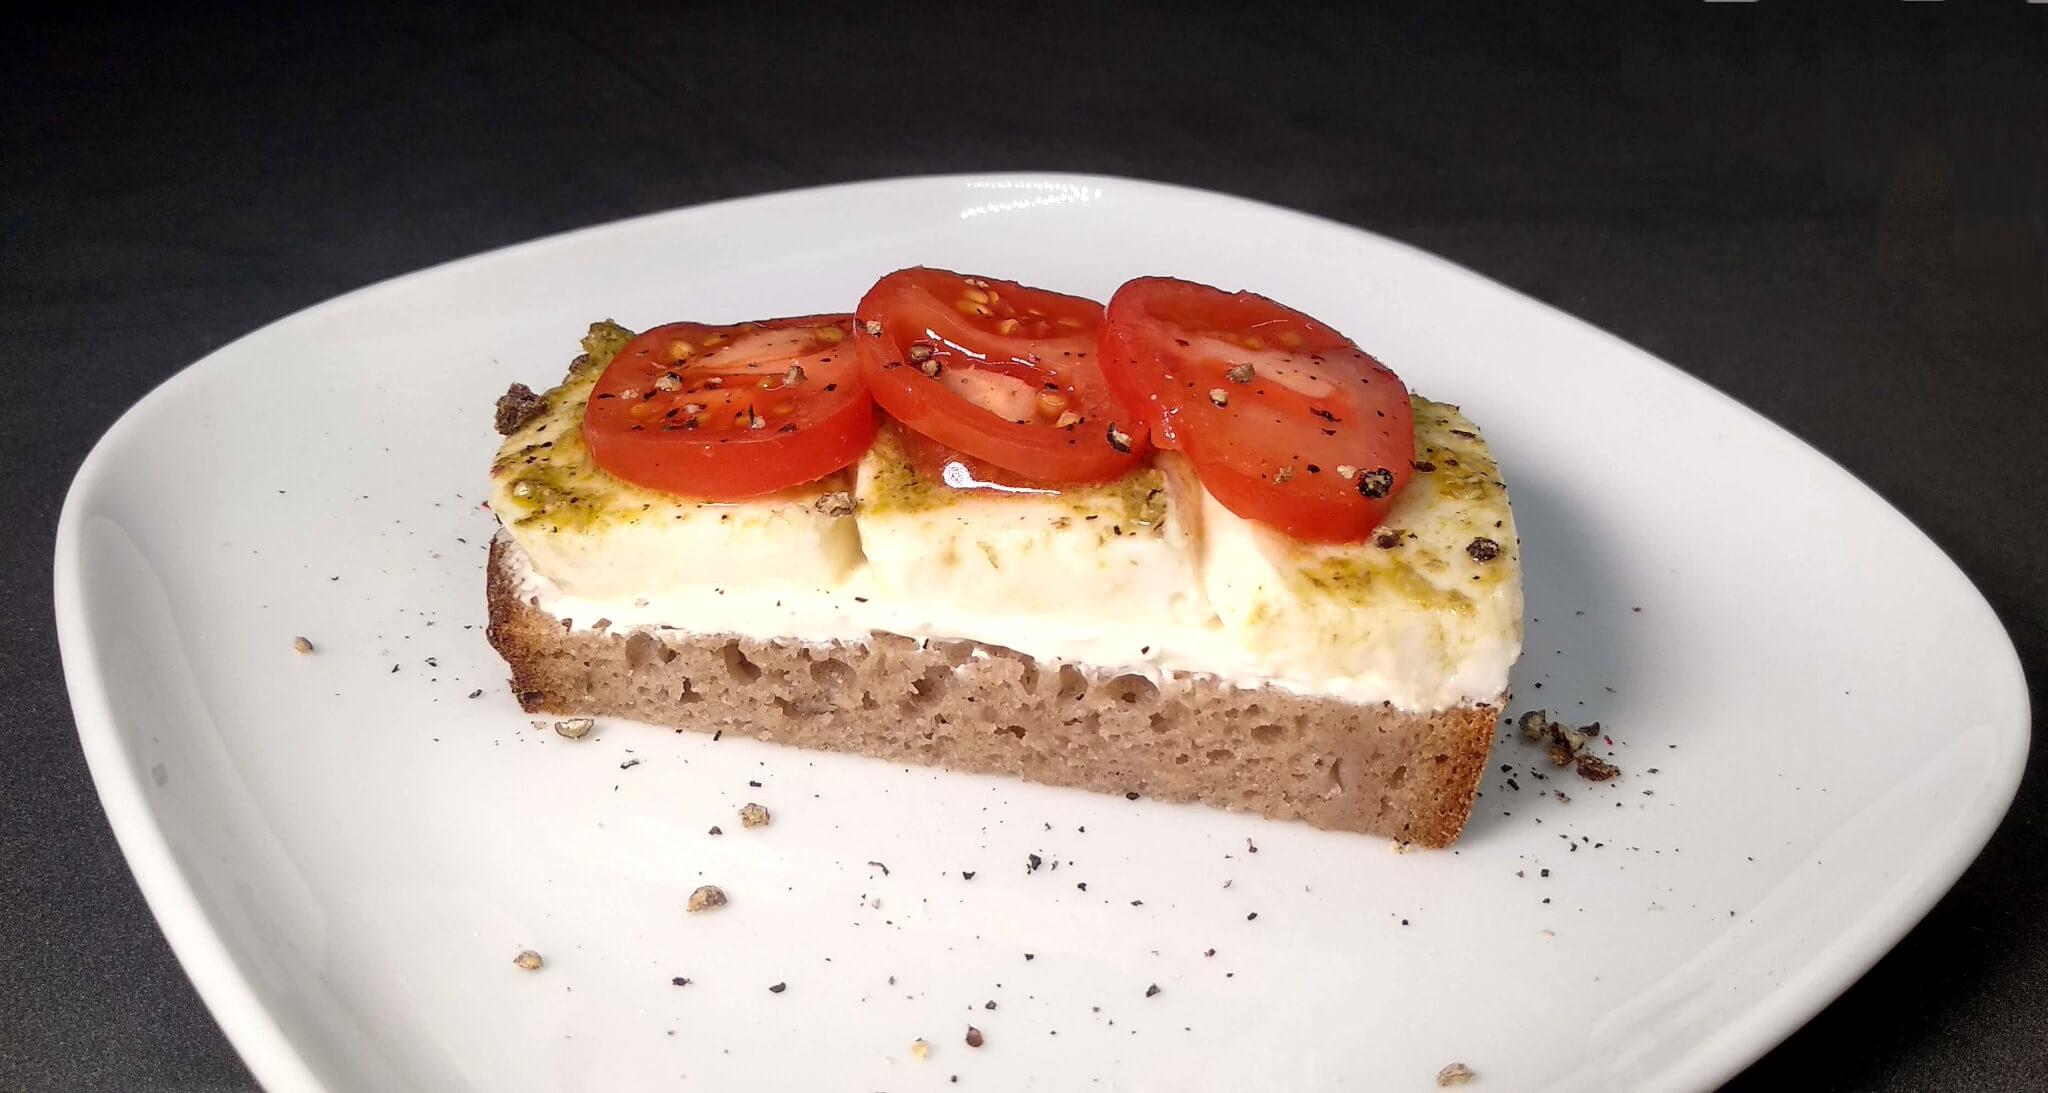 Žitný chleba s mozzarellou a bazalkovým pestem